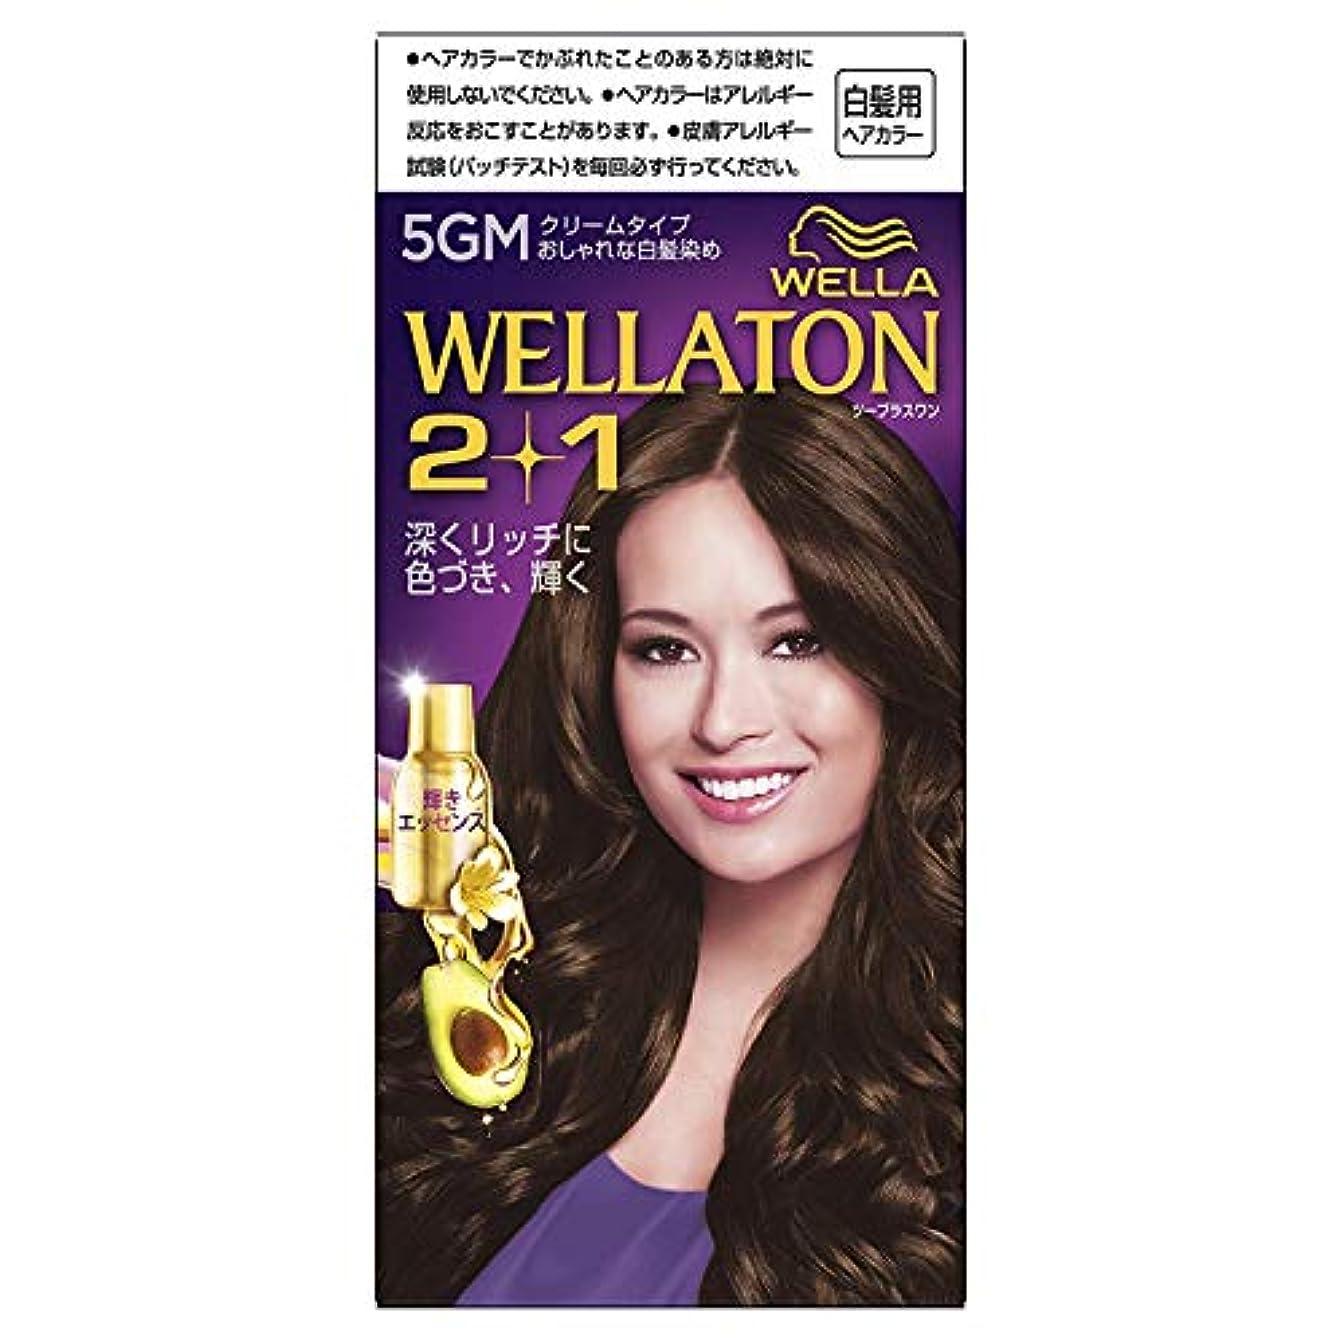 ウエラトーン2+1 クリームタイプ 5GM [医薬部外品]×3個